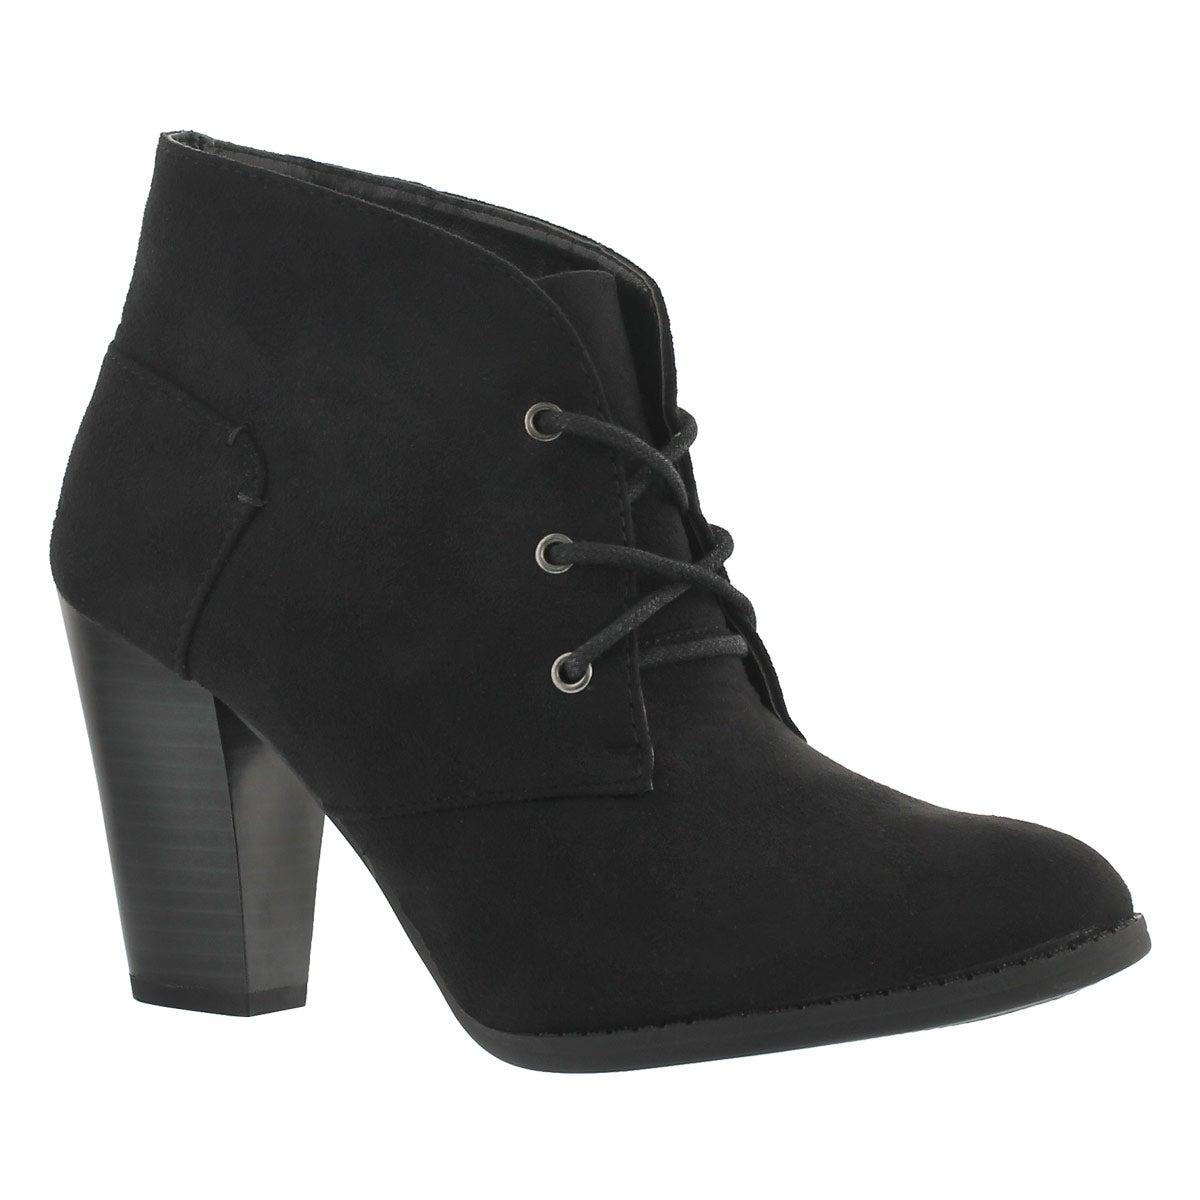 Lds Dahlia black lace up dress bootie